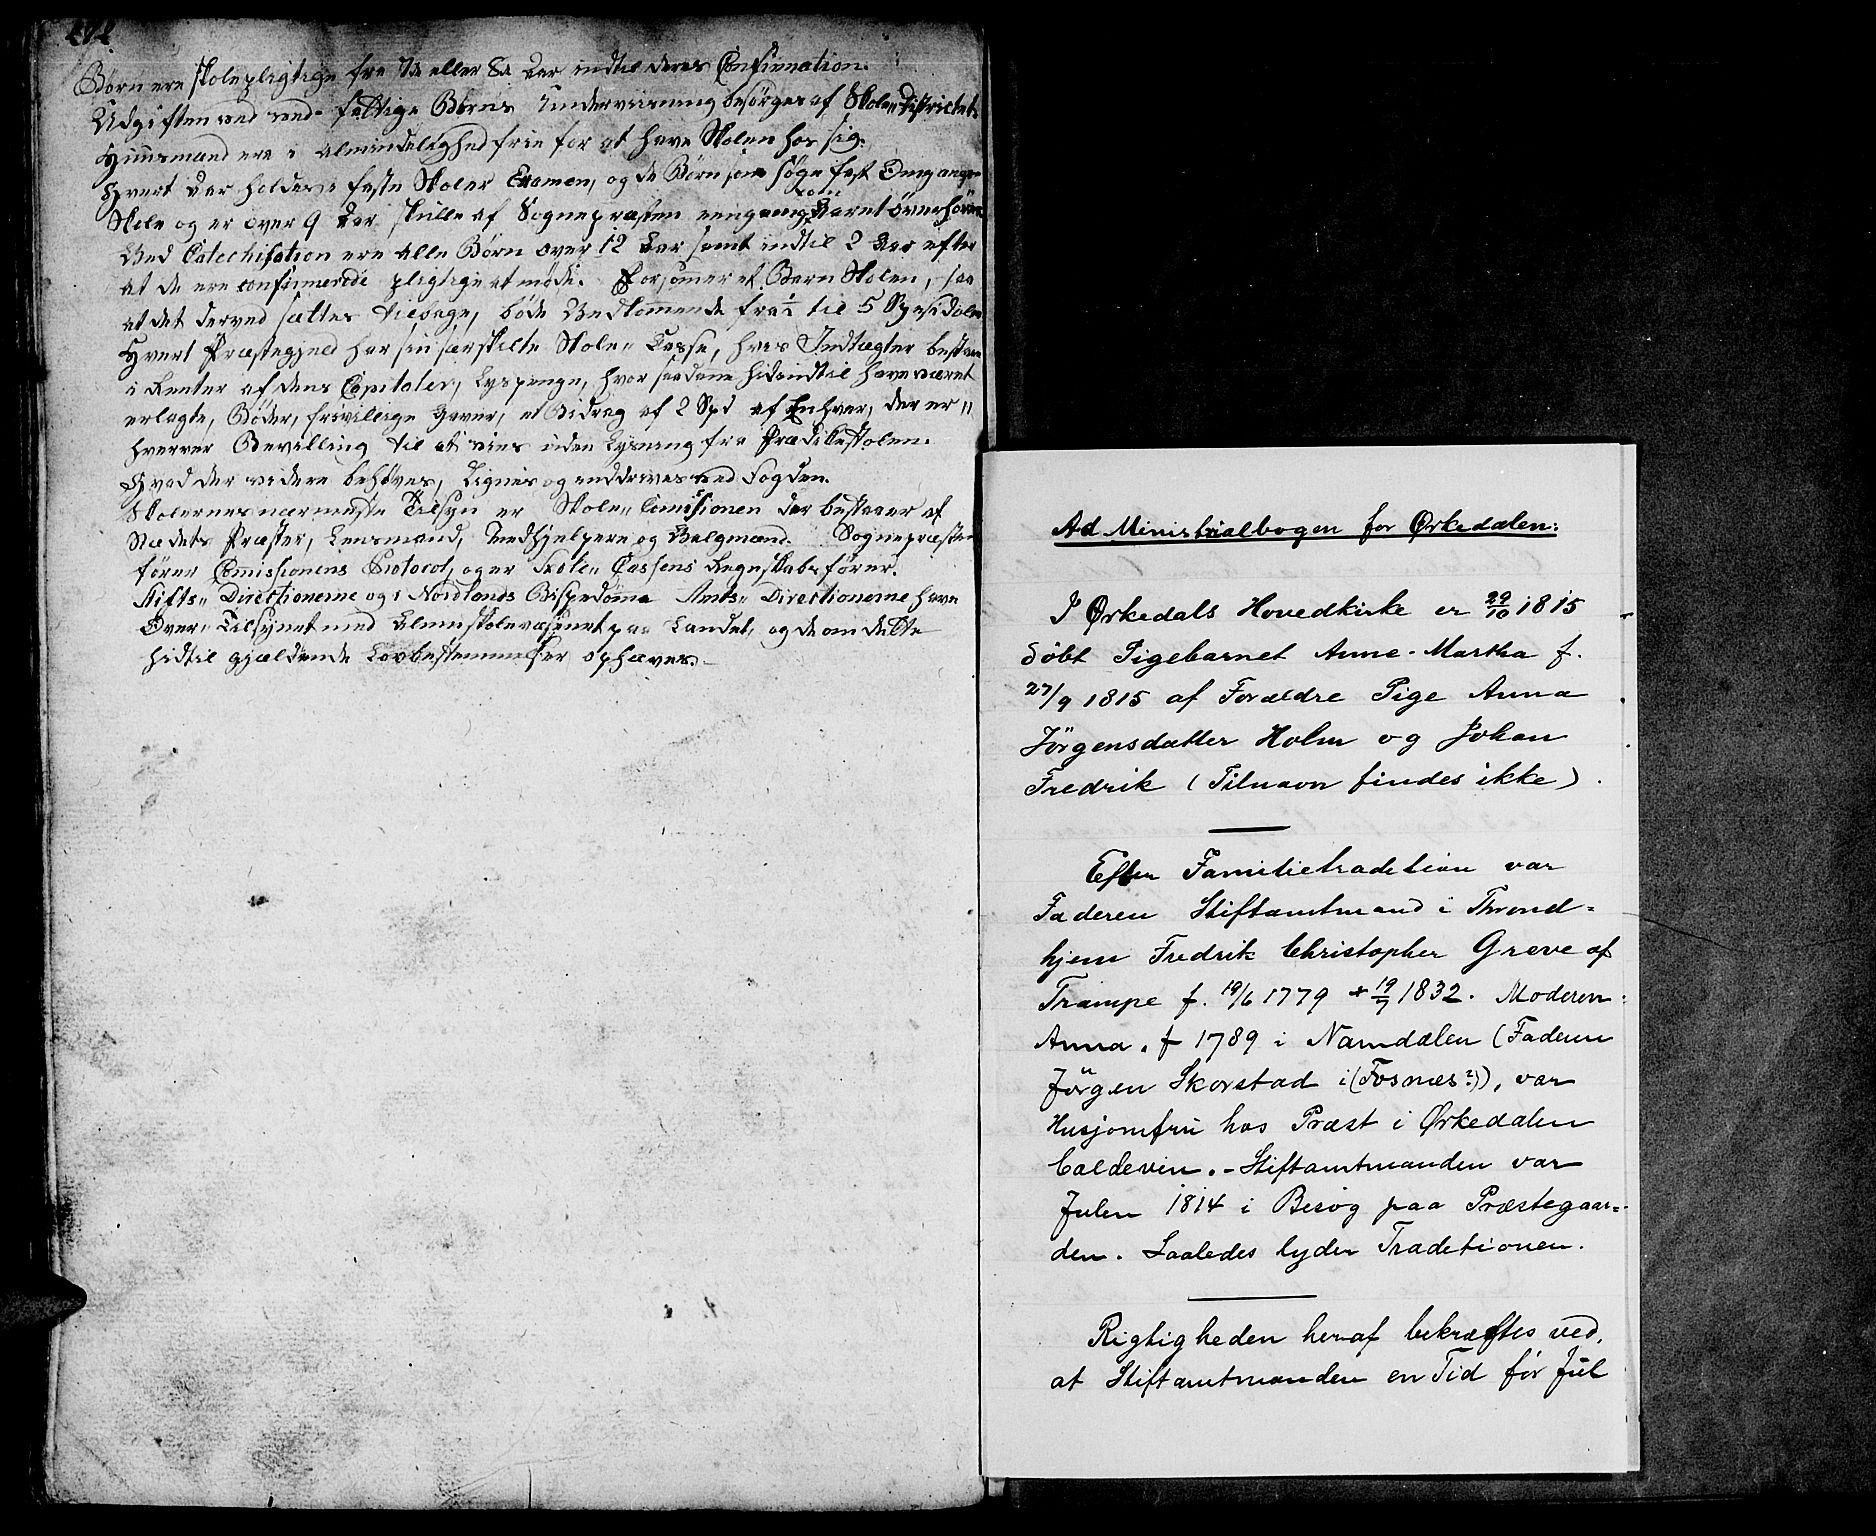 SAT, Ministerialprotokoller, klokkerbøker og fødselsregistre - Sør-Trøndelag, 668/L0815: Klokkerbok nr. 668C04, 1791-1815, s. 272-273